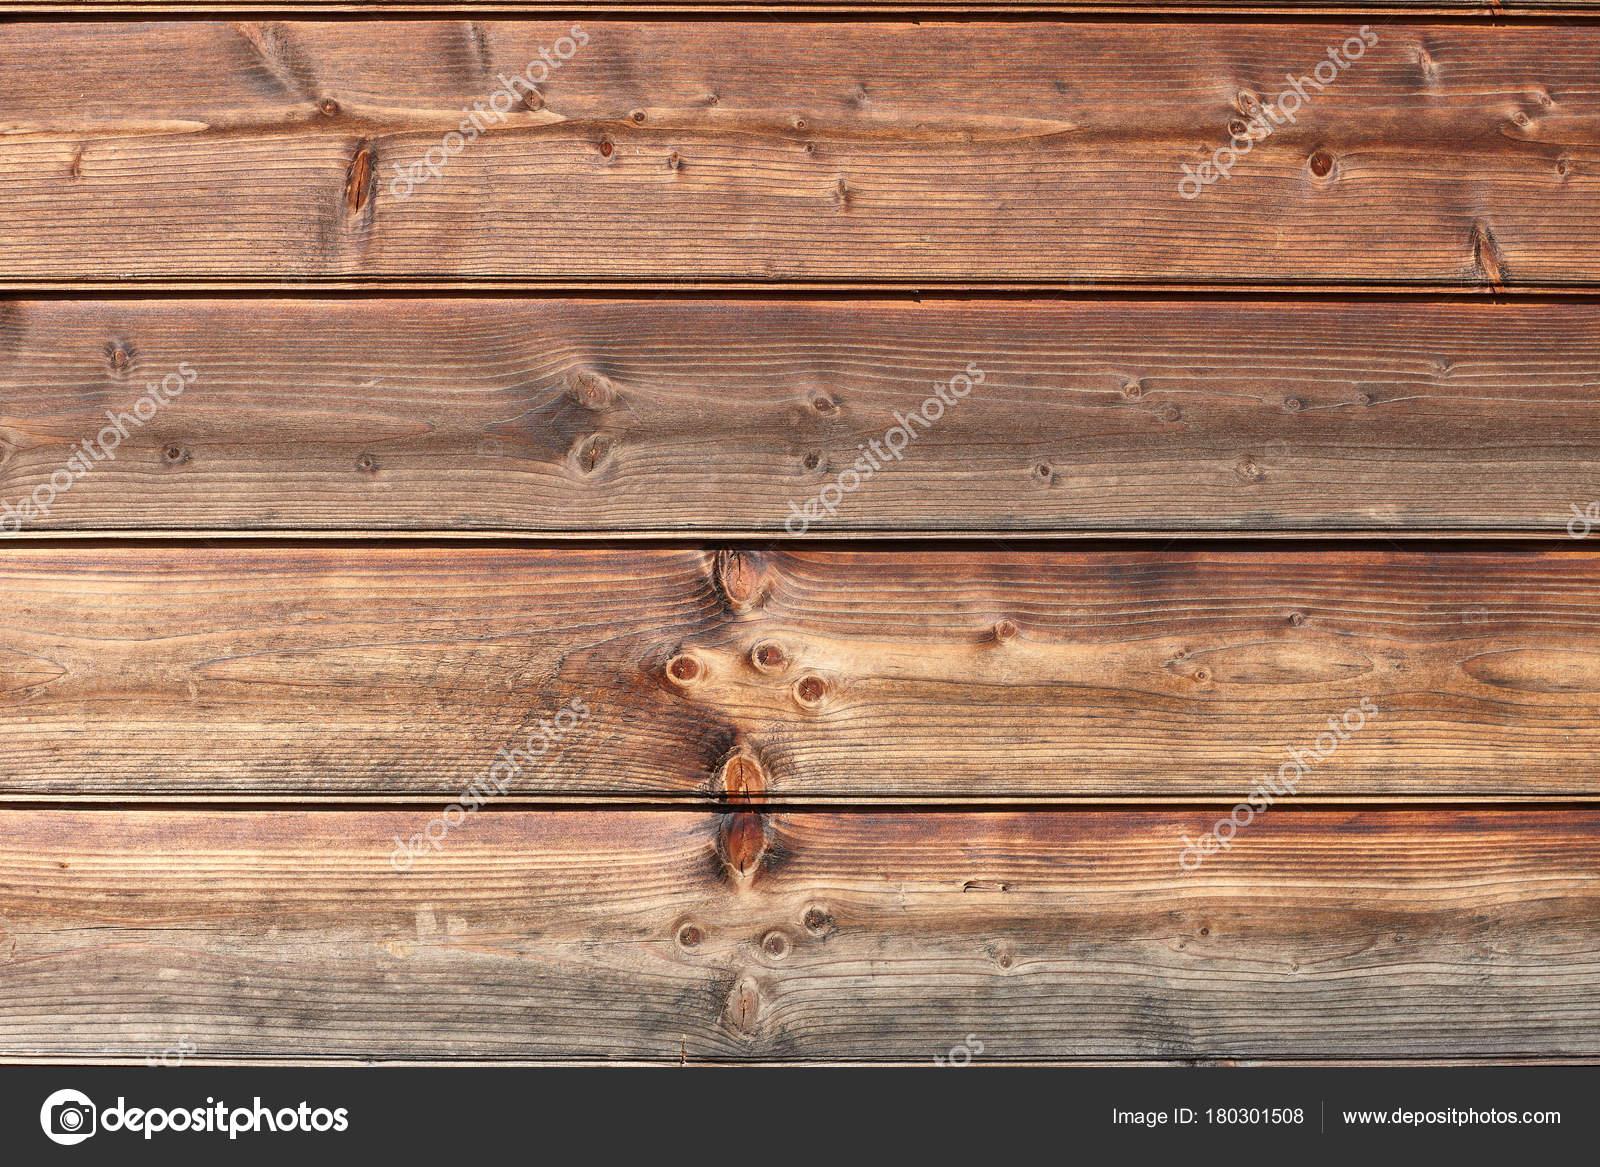 Fondo textura madera tablones madera fotos de stock - Tablones de madera segunda mano ...